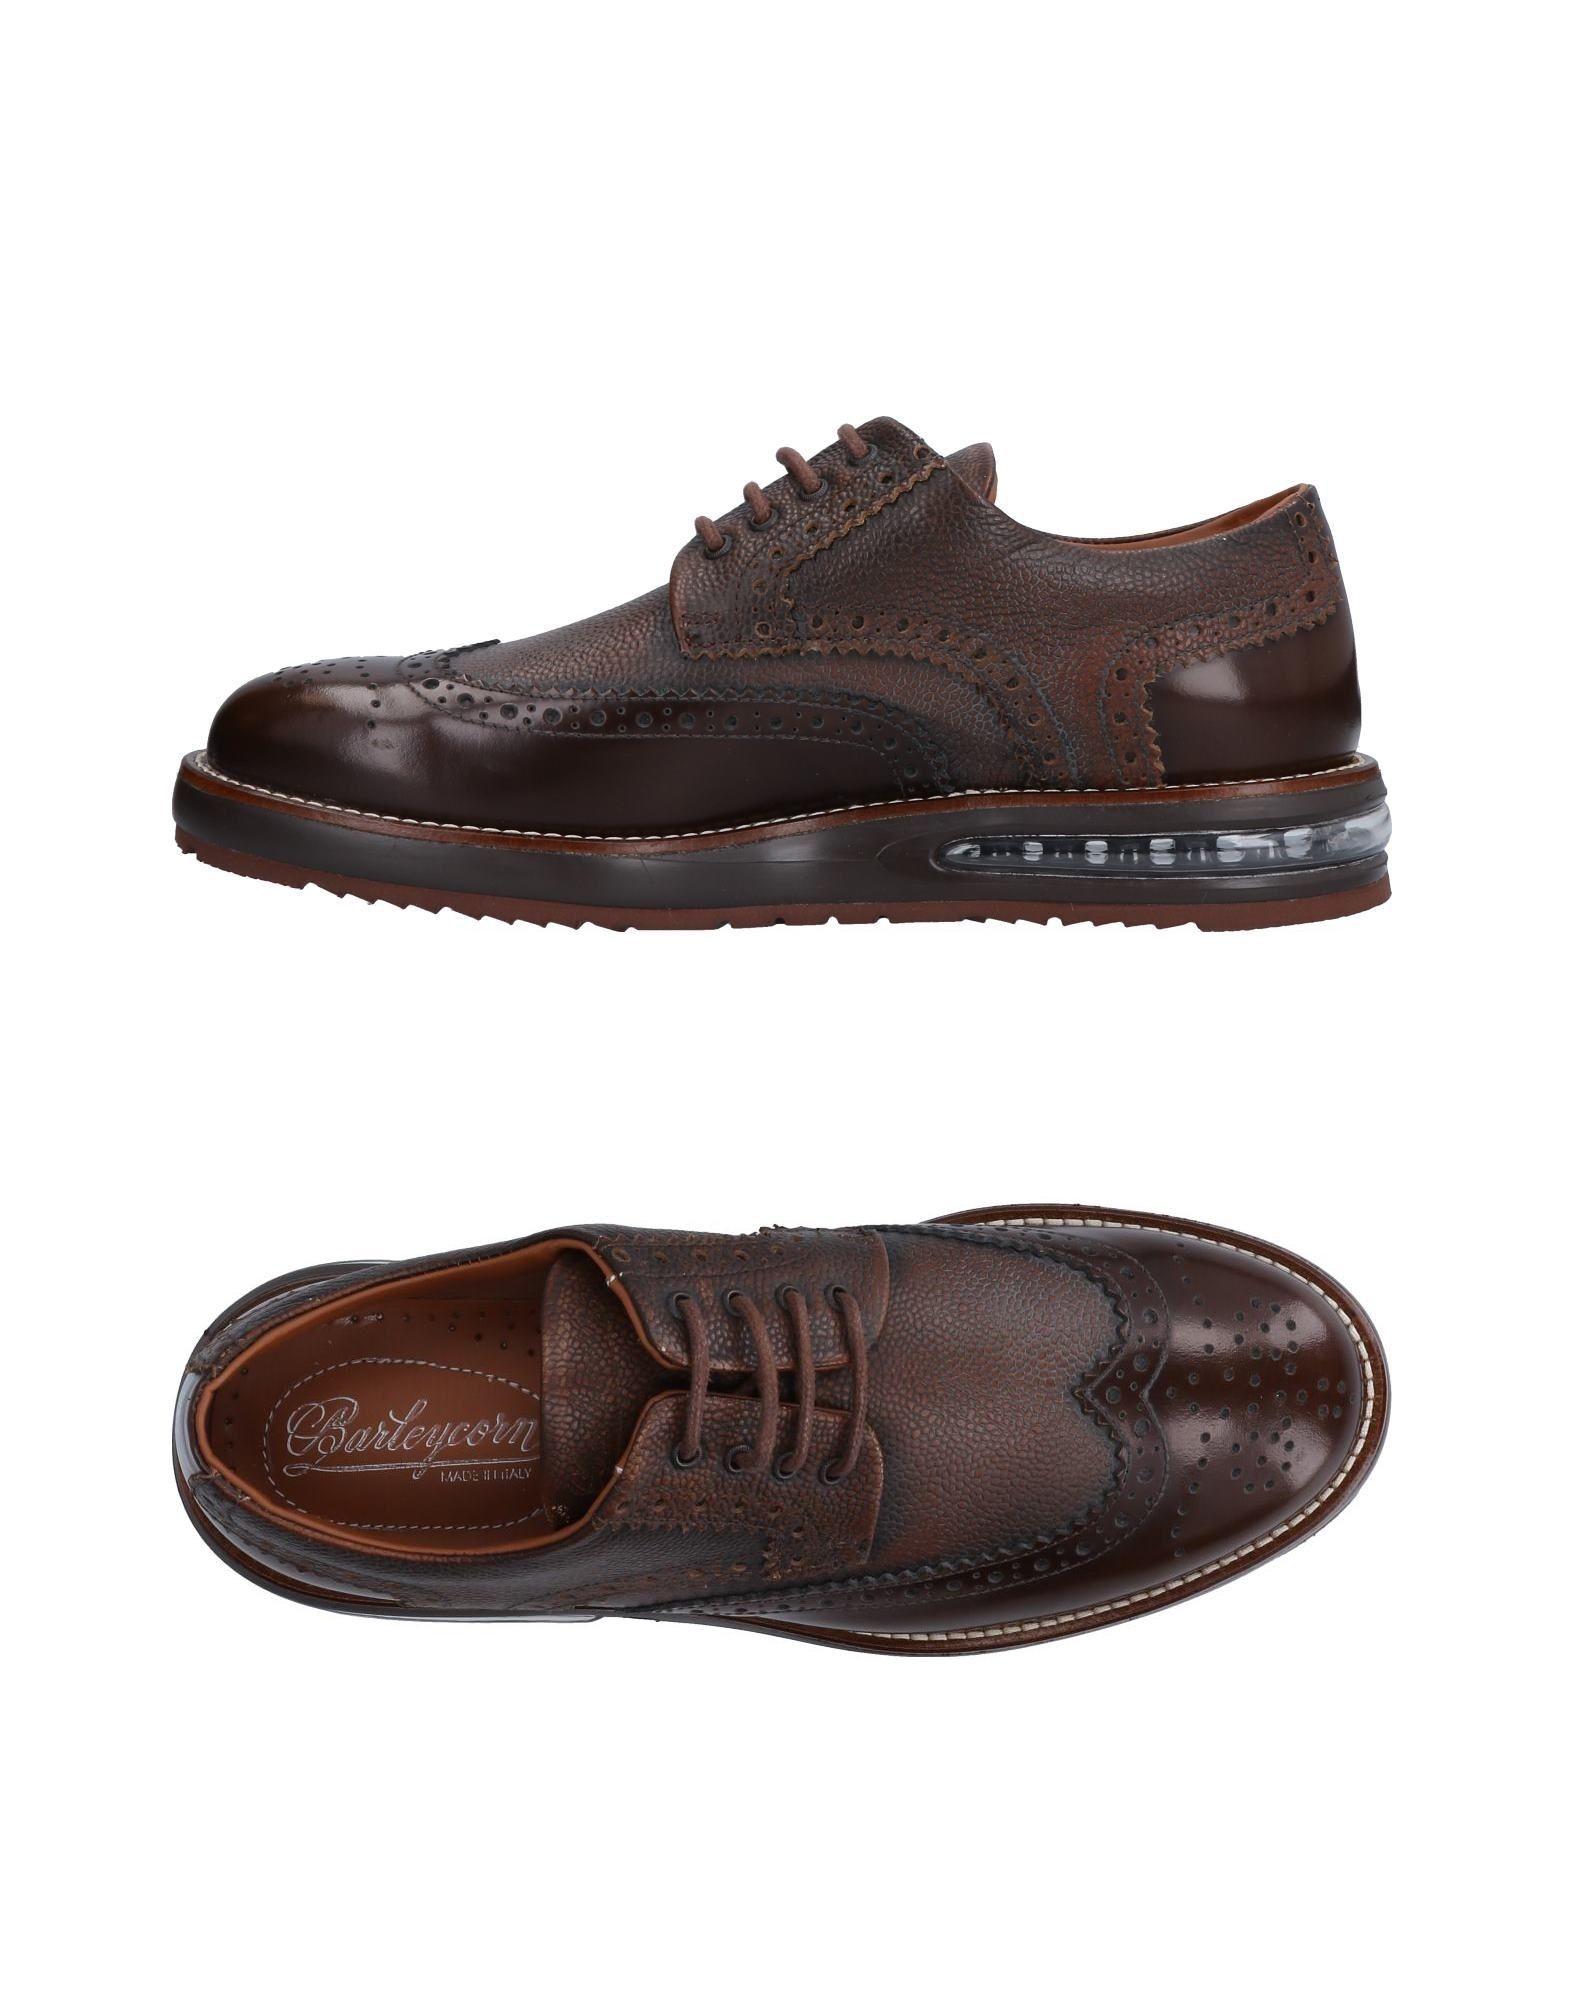 BARLEYCORN Обувь на шнурках первый внутри обувь обувь обувь обувь обувь обувь обувь обувь обувь 8a2549 мужская армия green 40 метров